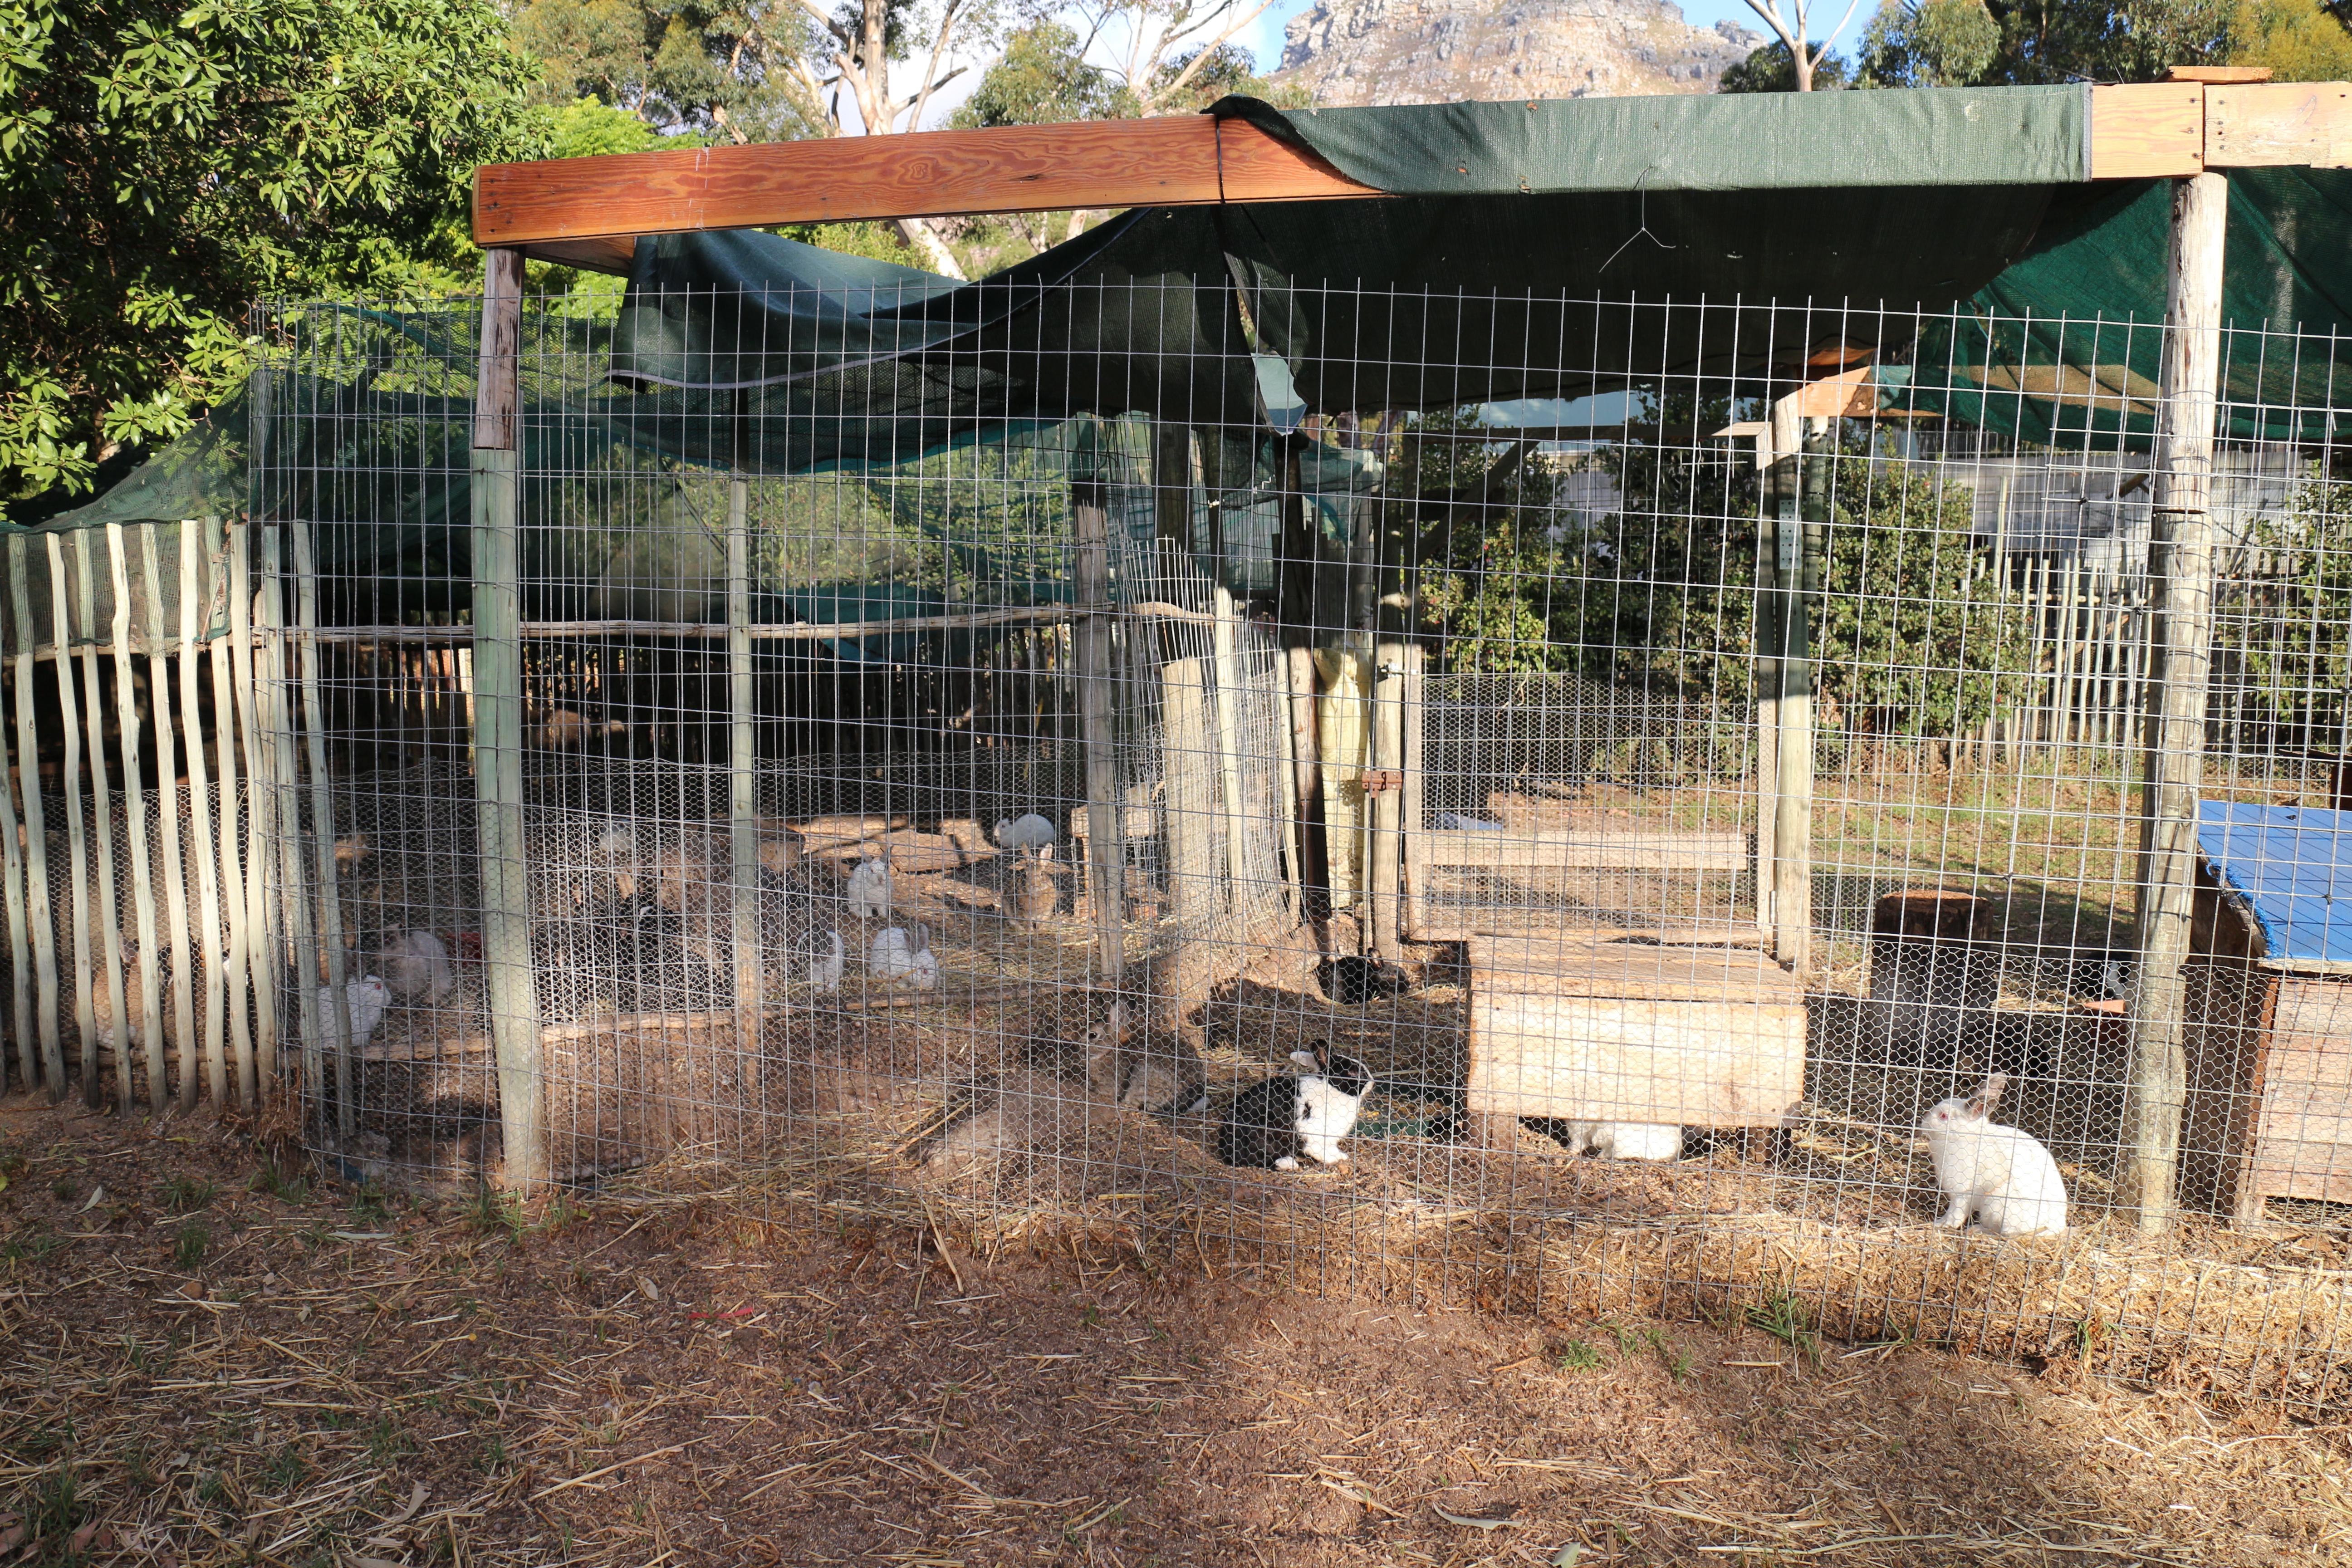 Klettergerüst Ziegen : Nadira 10 u2013 african family farm in 365 tagen um die welt